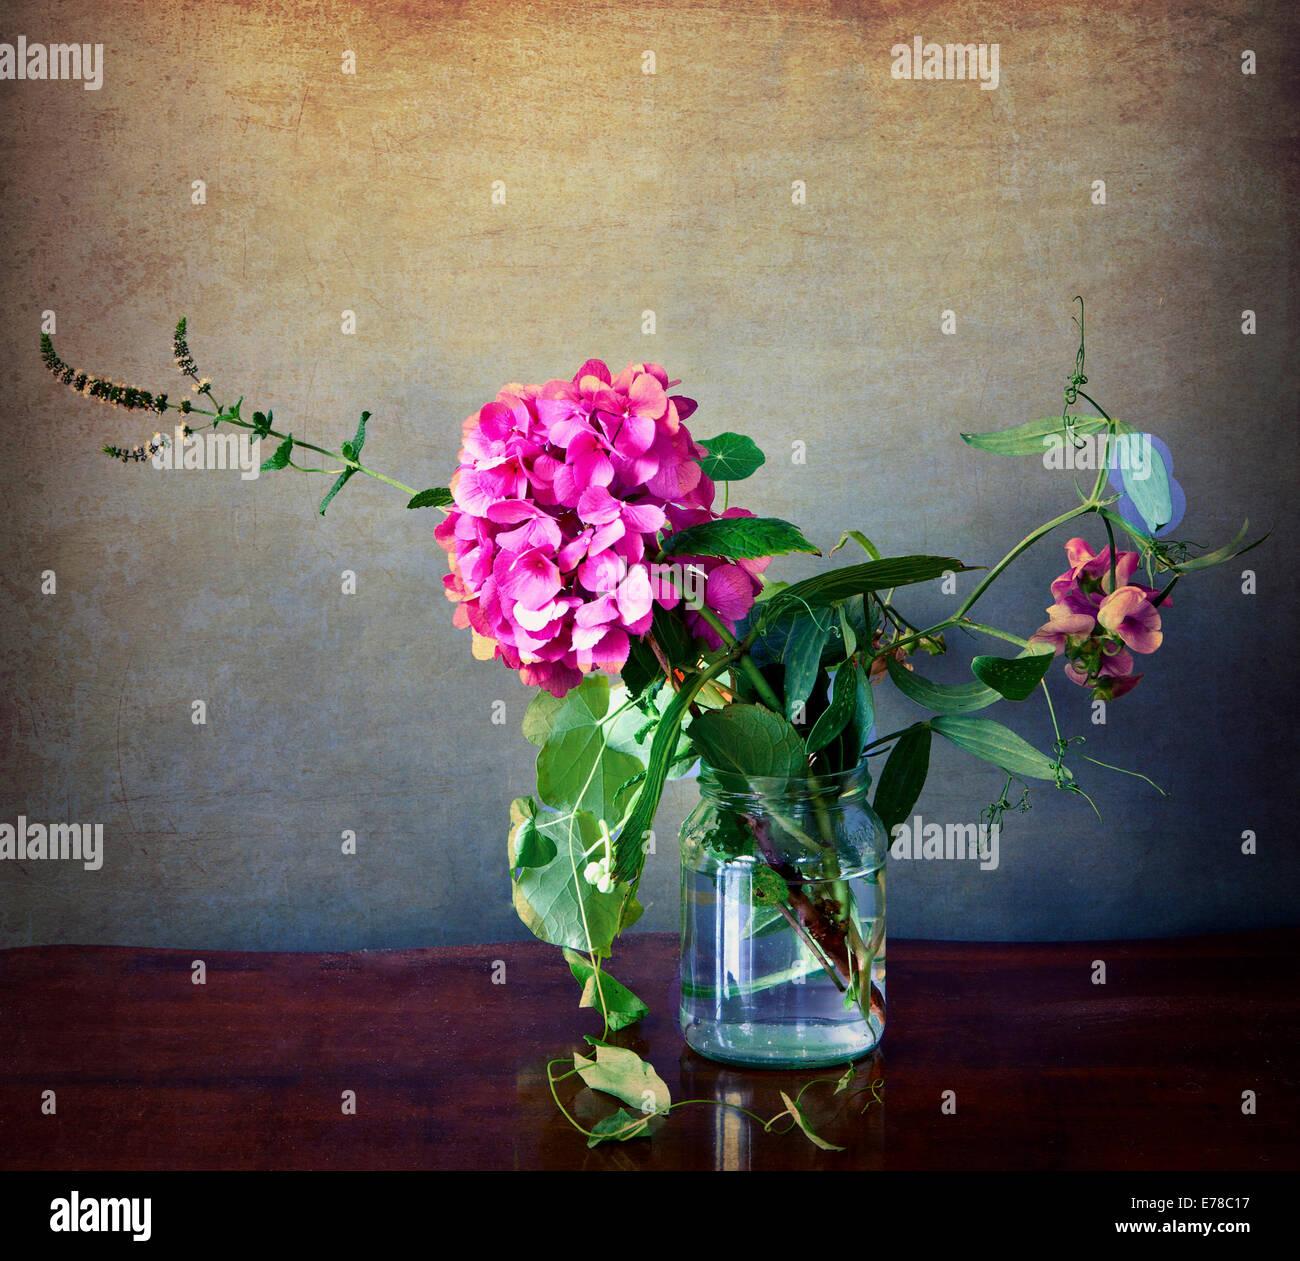 Rosa ortensie e fiori di campo in un bicchiere con texture vintage e retrò Instagram-simili effetti aggiunti Foto Stock